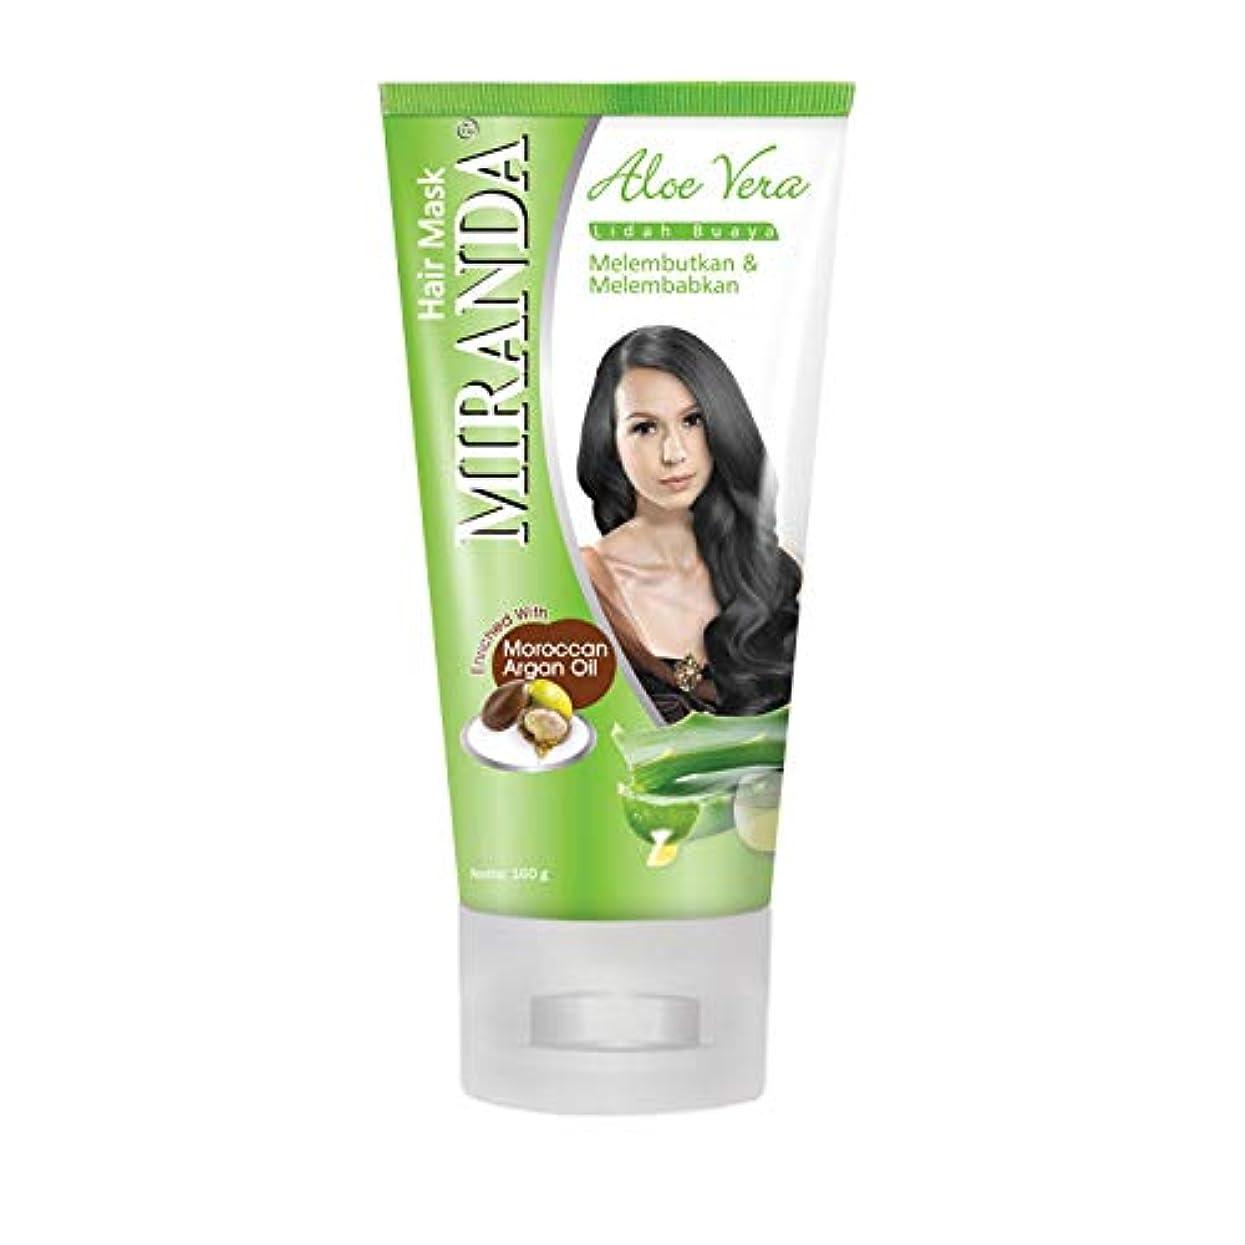 苗行き当たりばったり購入MIRANDA ミランダ Hair Mask ヘアマスク モロッカンアルガンオイル主成分のヘアトリートメント 160g Aloe vera アロエベラ [海外直送品]